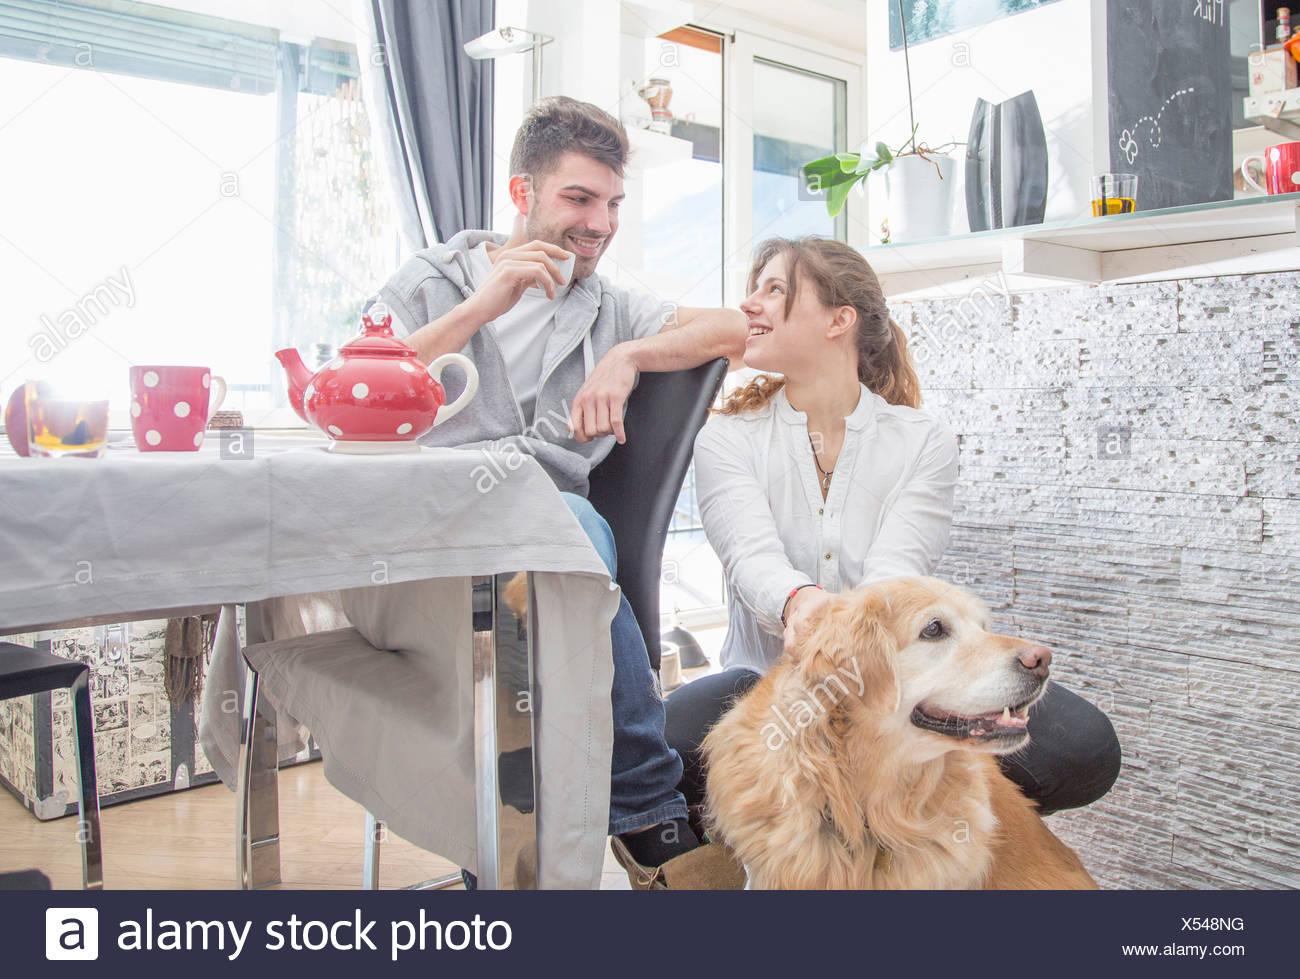 Junges Paar beim Frühstück, mit Hund Stockbild